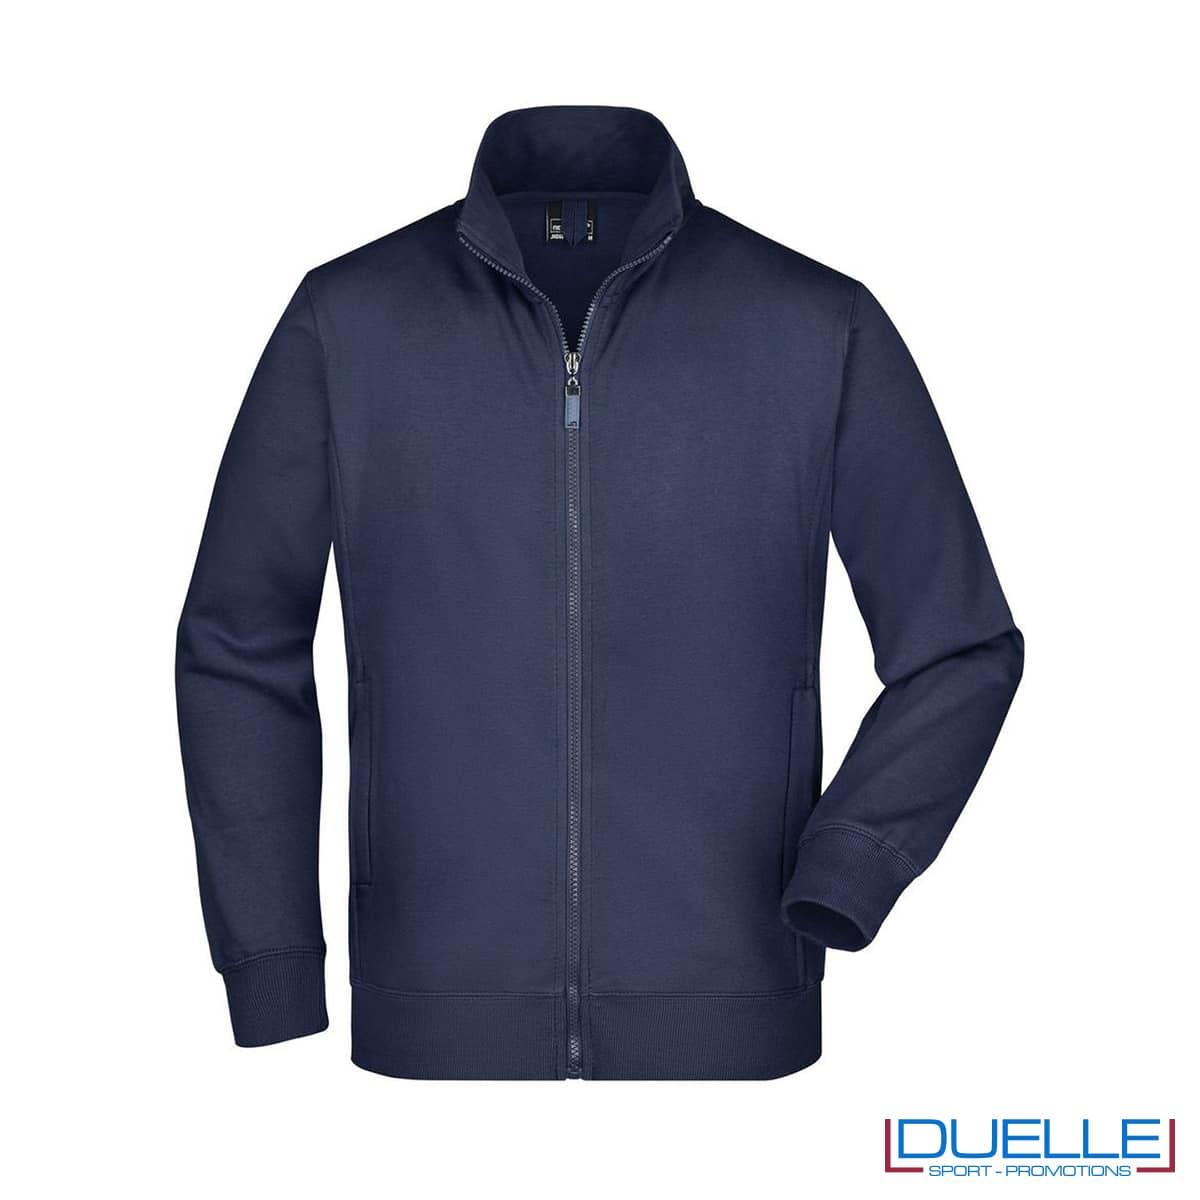 felpa uomo blu navy con zip 300g/m2